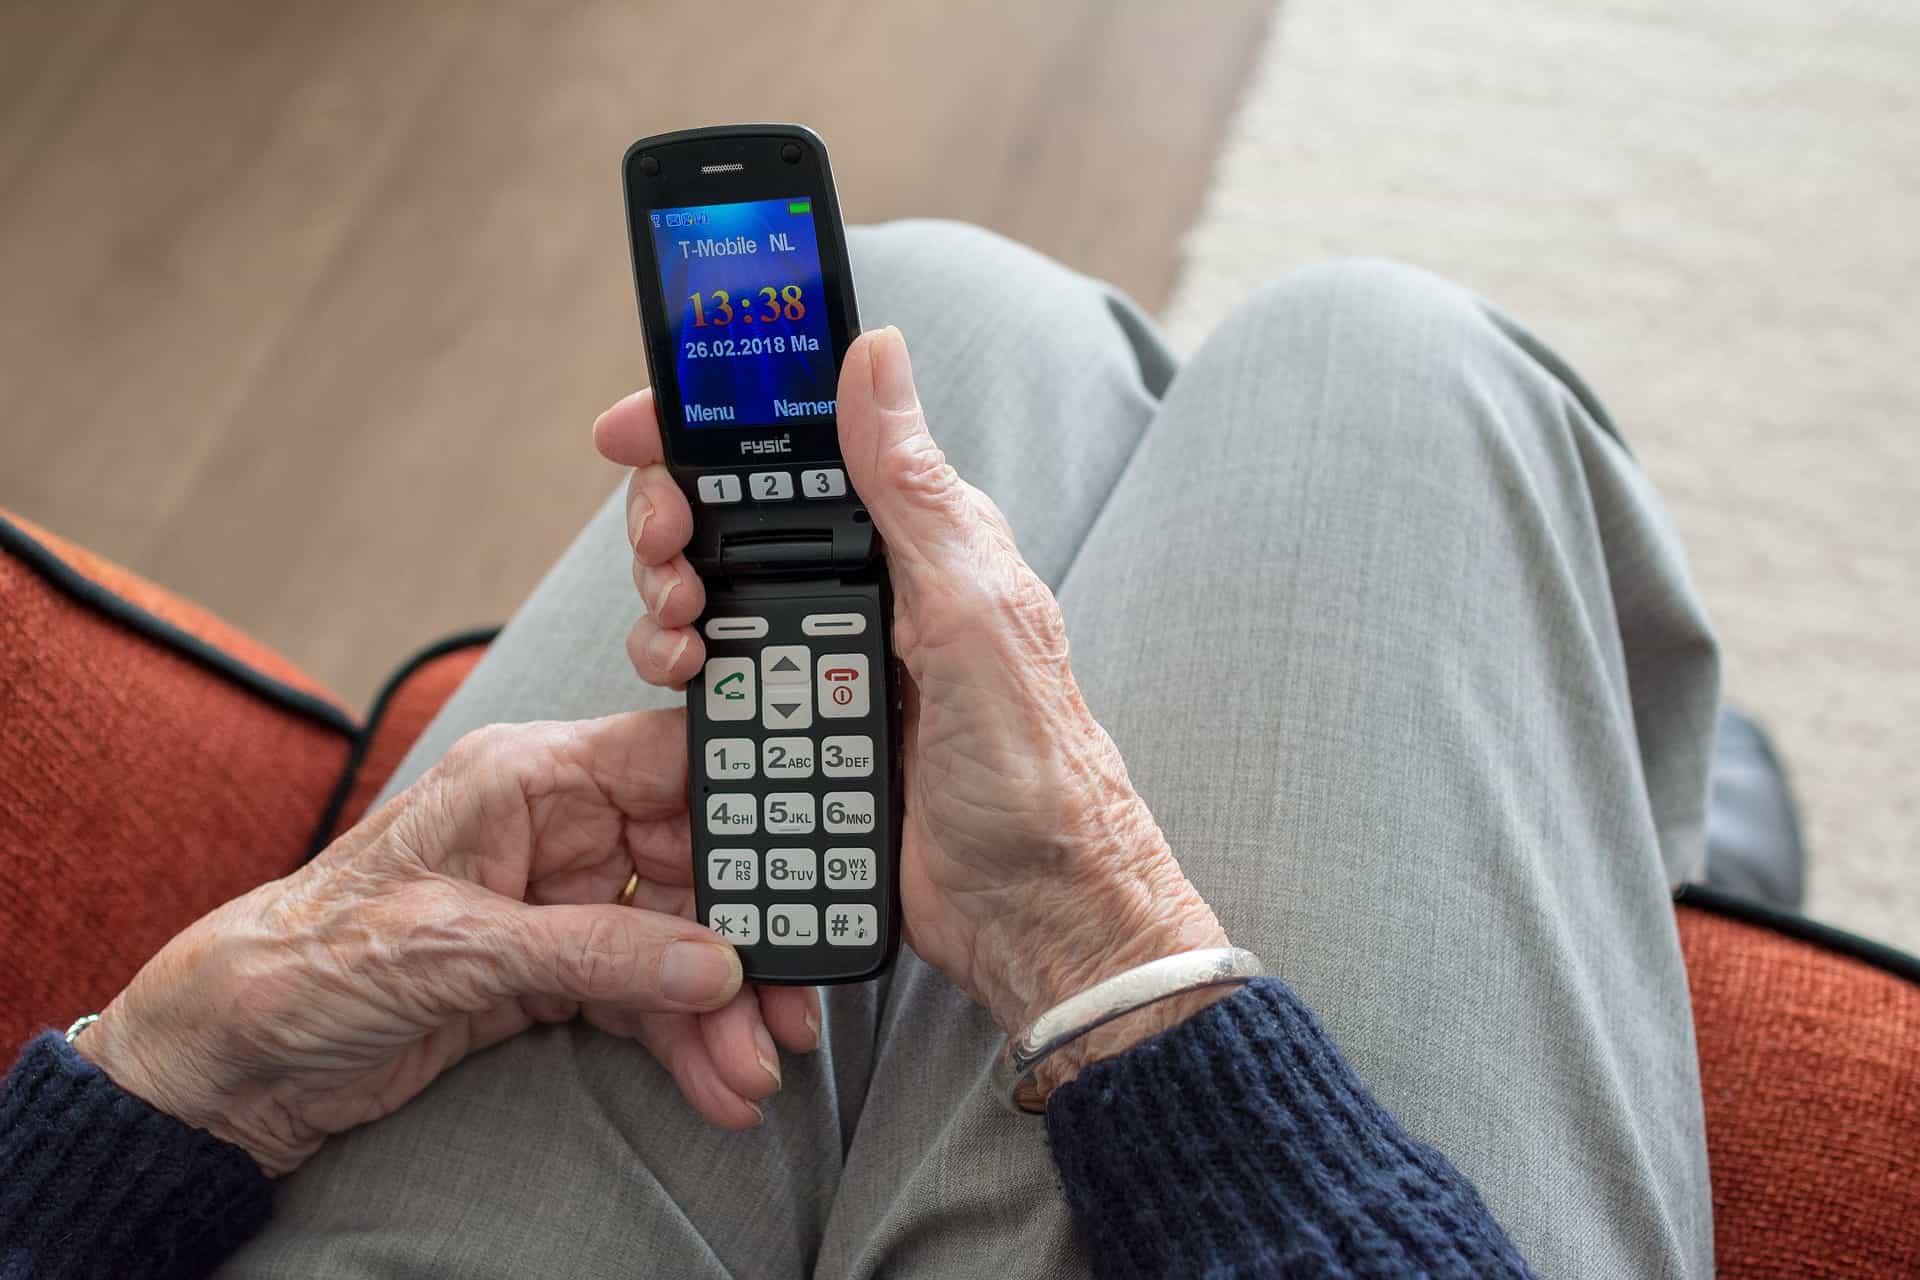 Seniorenhandy: Test & Empfehlungen (07/20)